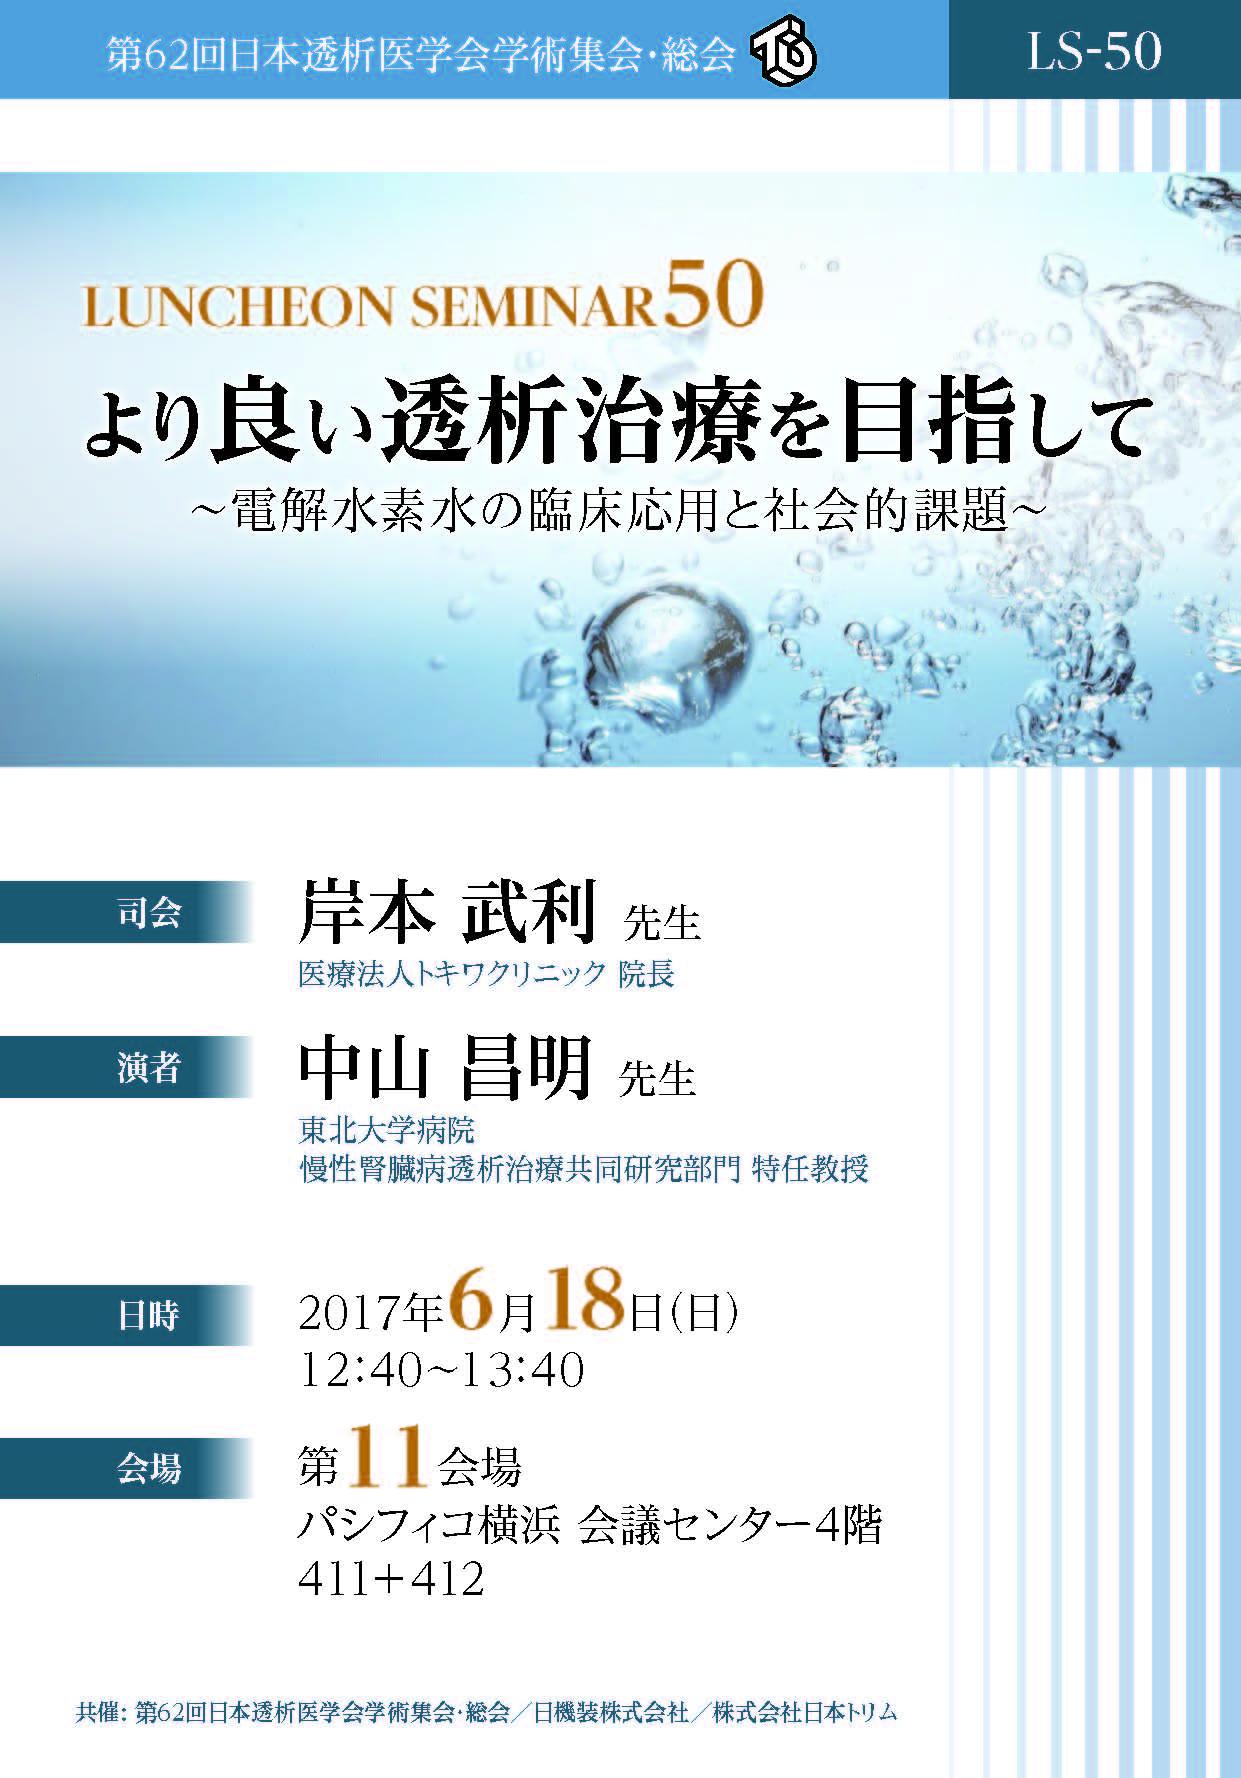 第62回日本透析医学会学術集会・総会 ランチョンセミナー50のお知らせ